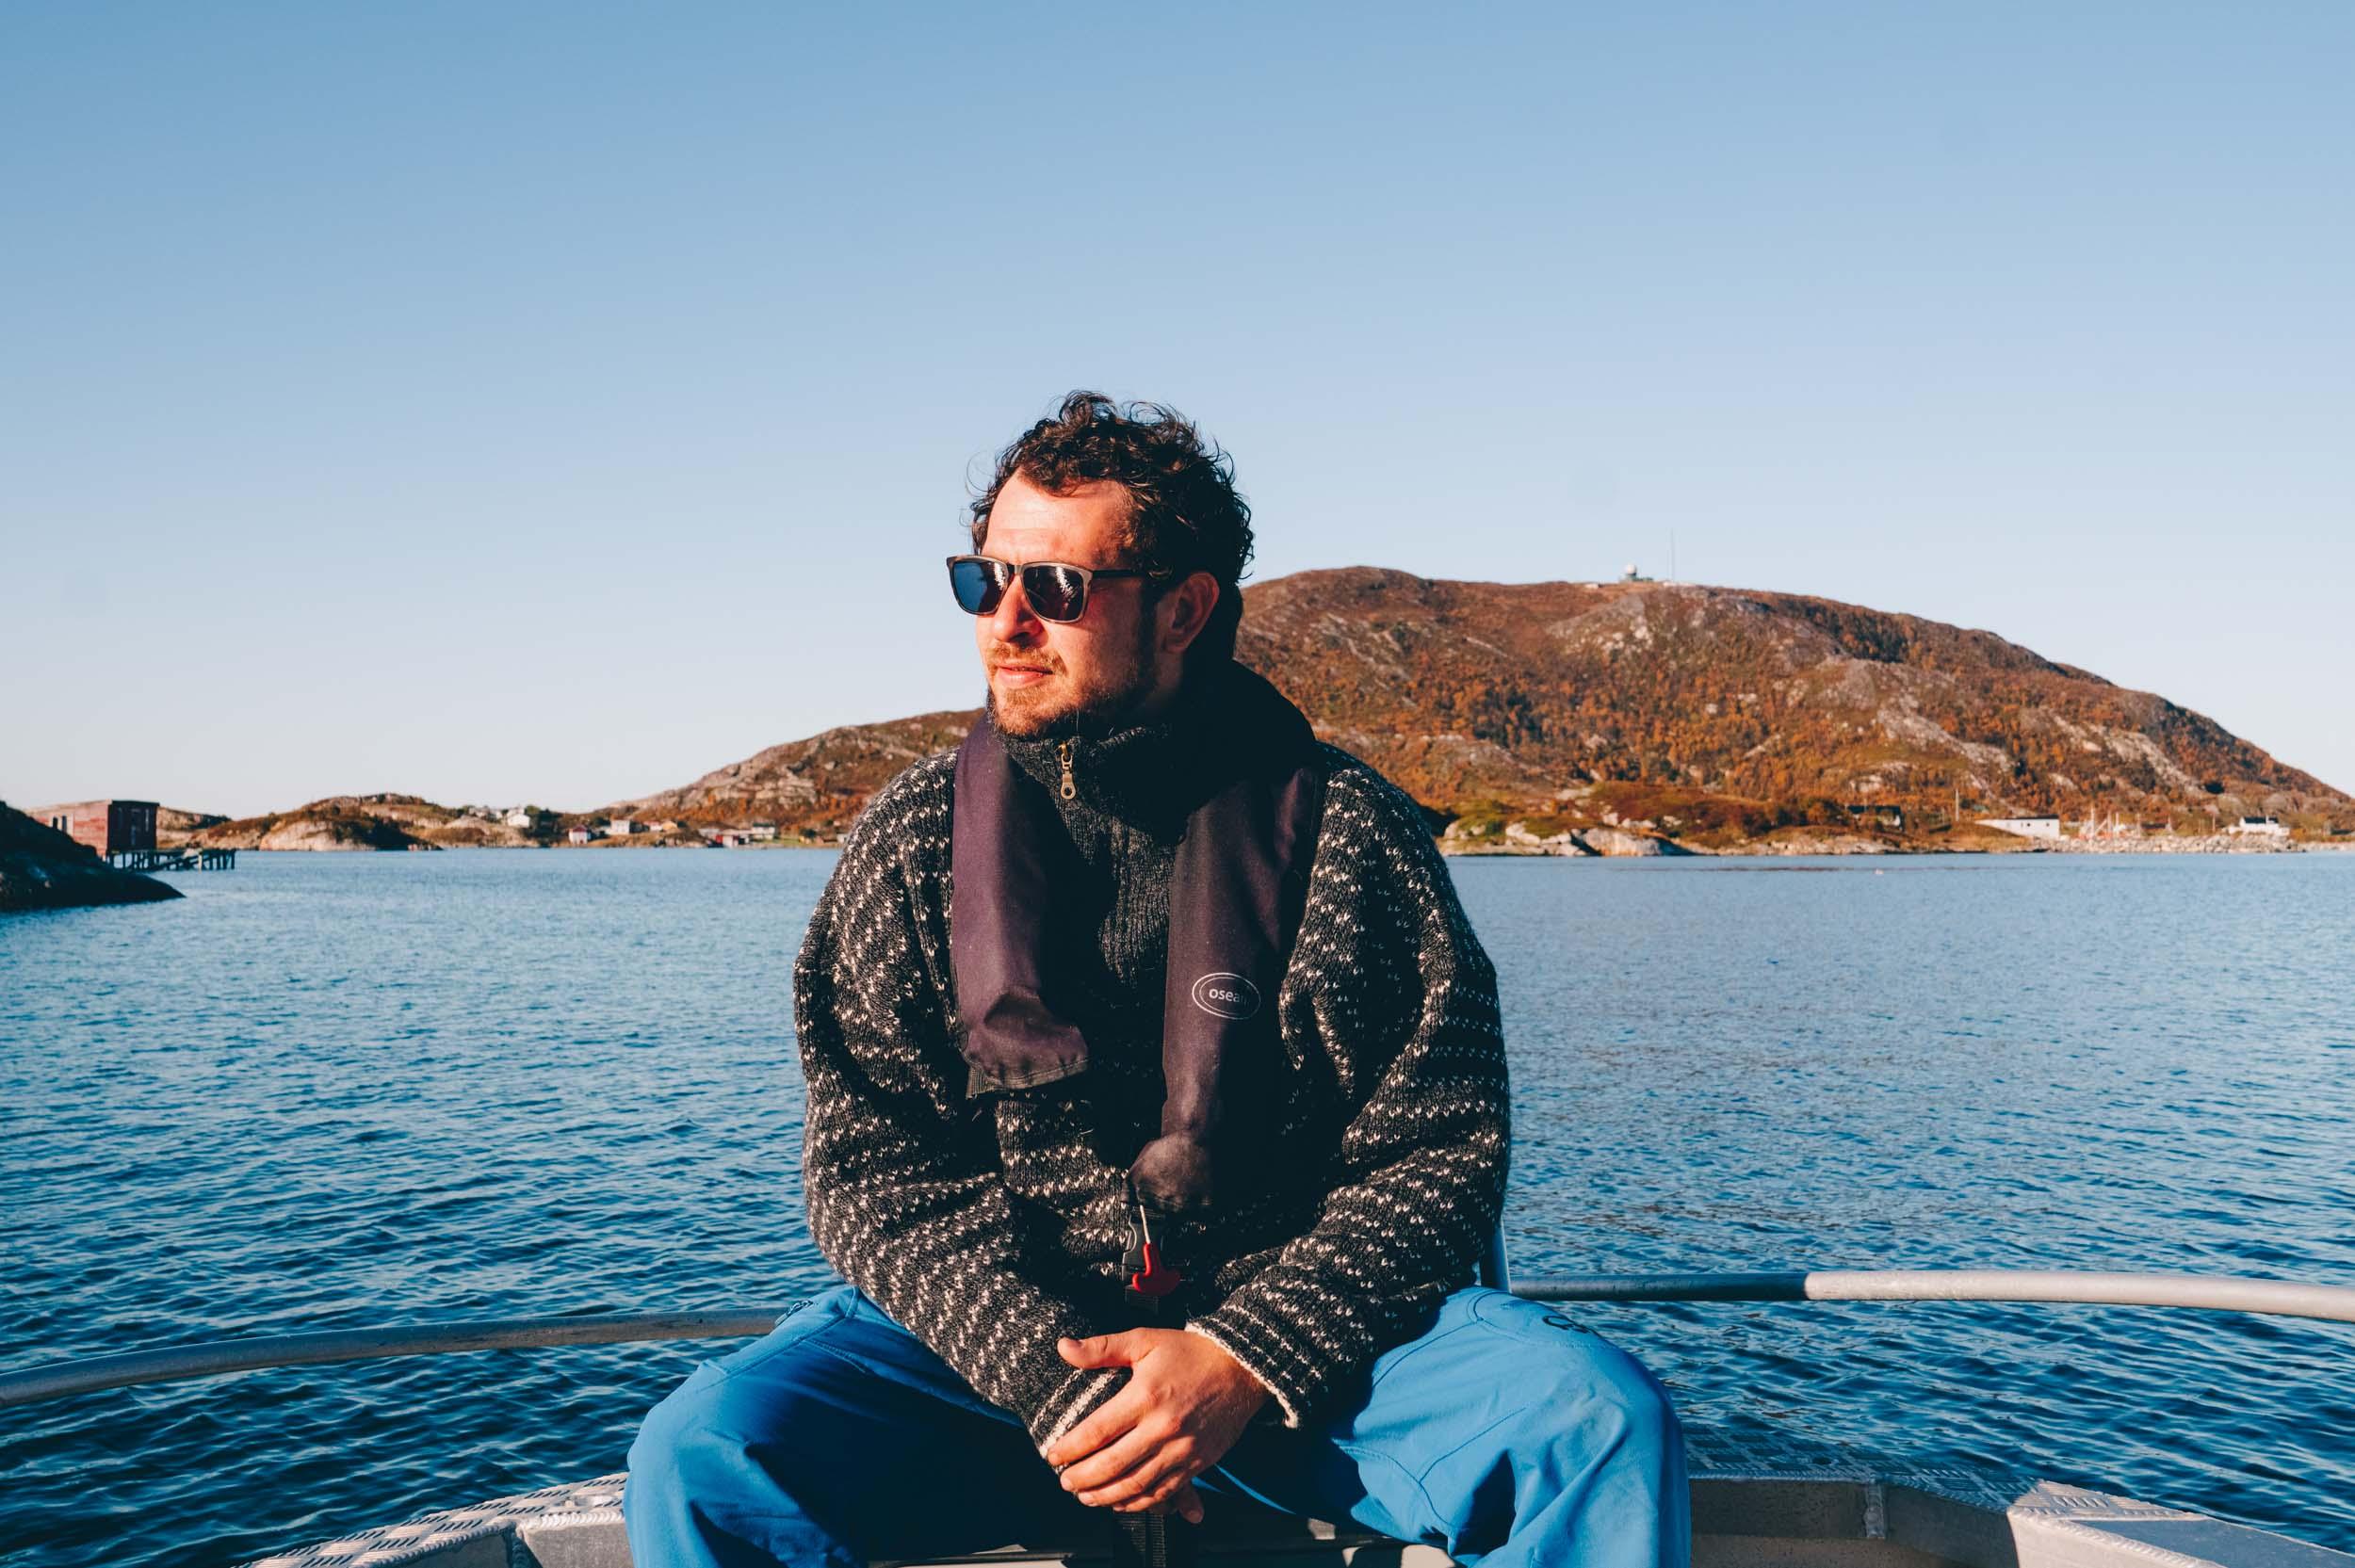 Mann med solbriller sitter i en båt på havet